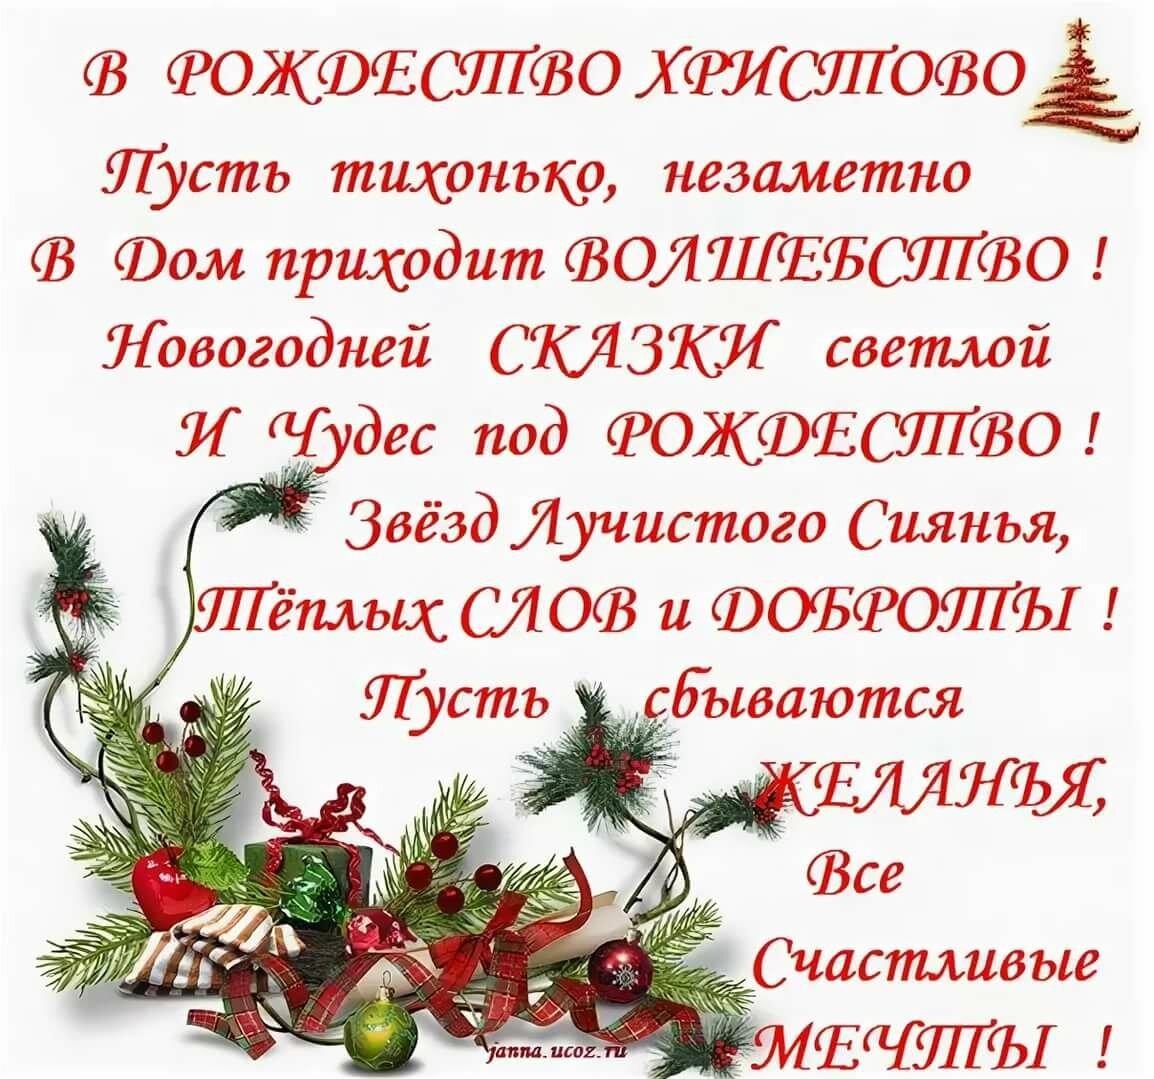 Текст поздравления на новый год и рождество